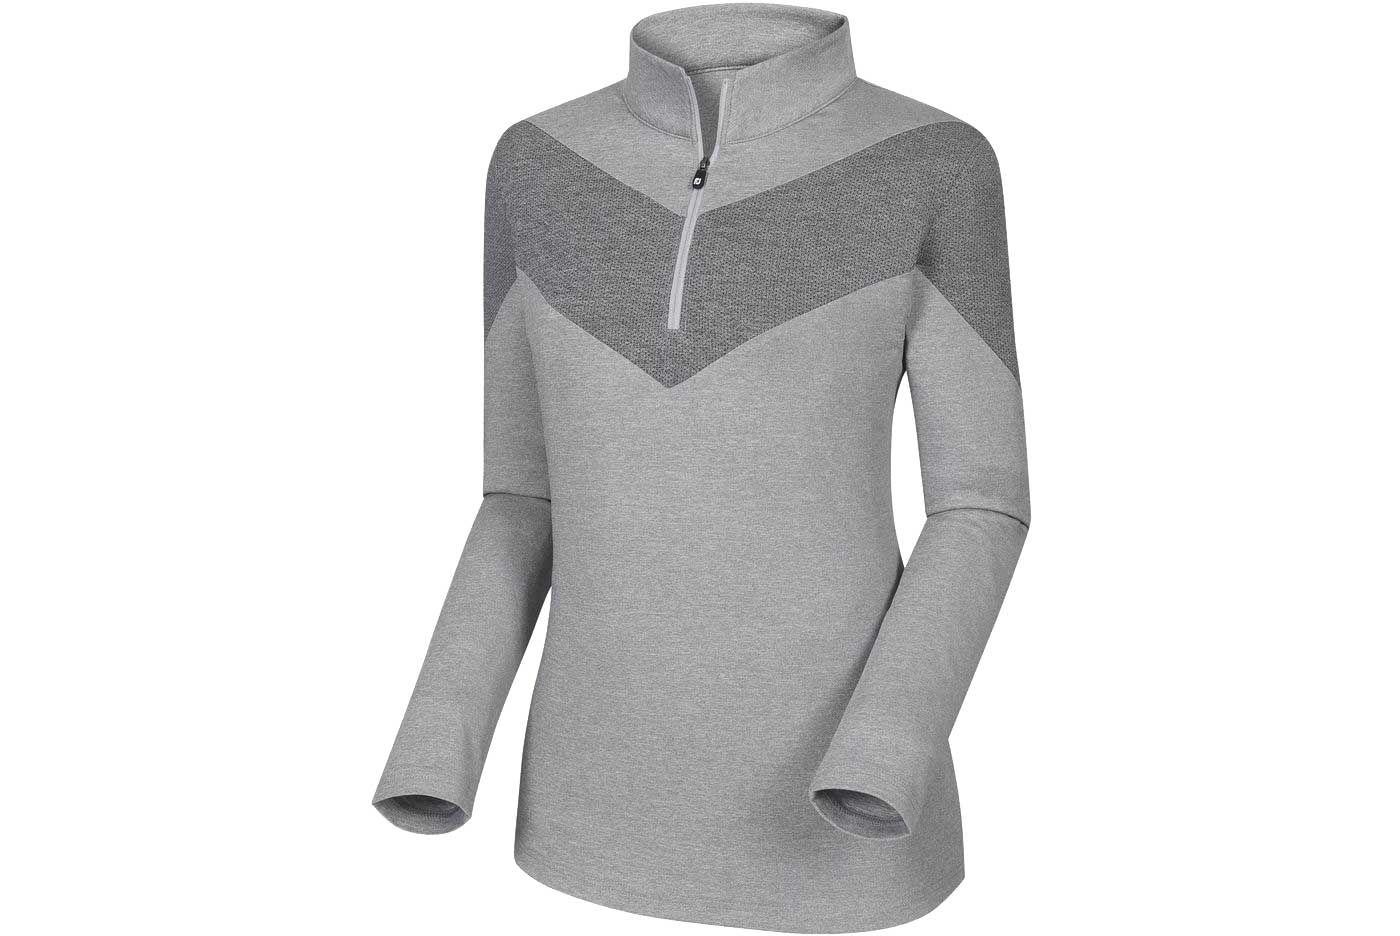 FootJoy Women's Engineered Jersey ¼-Zip Golf Pullover